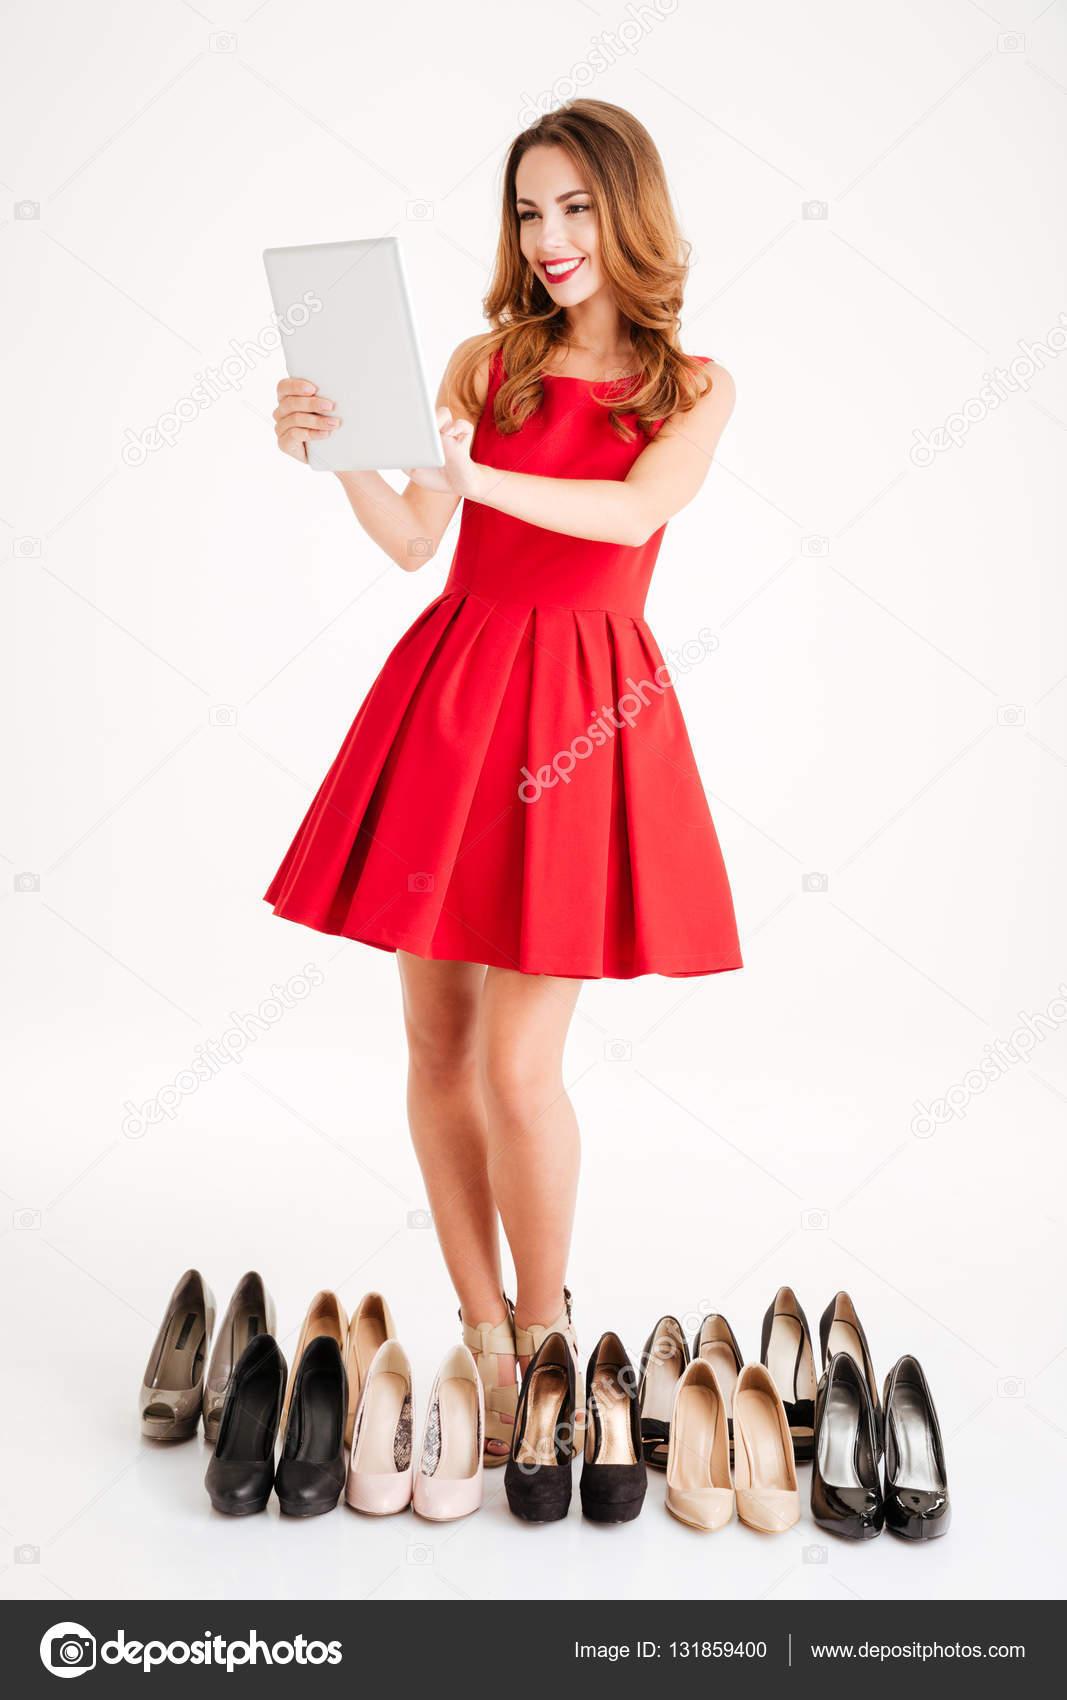 Vestidos rojos y zapatos